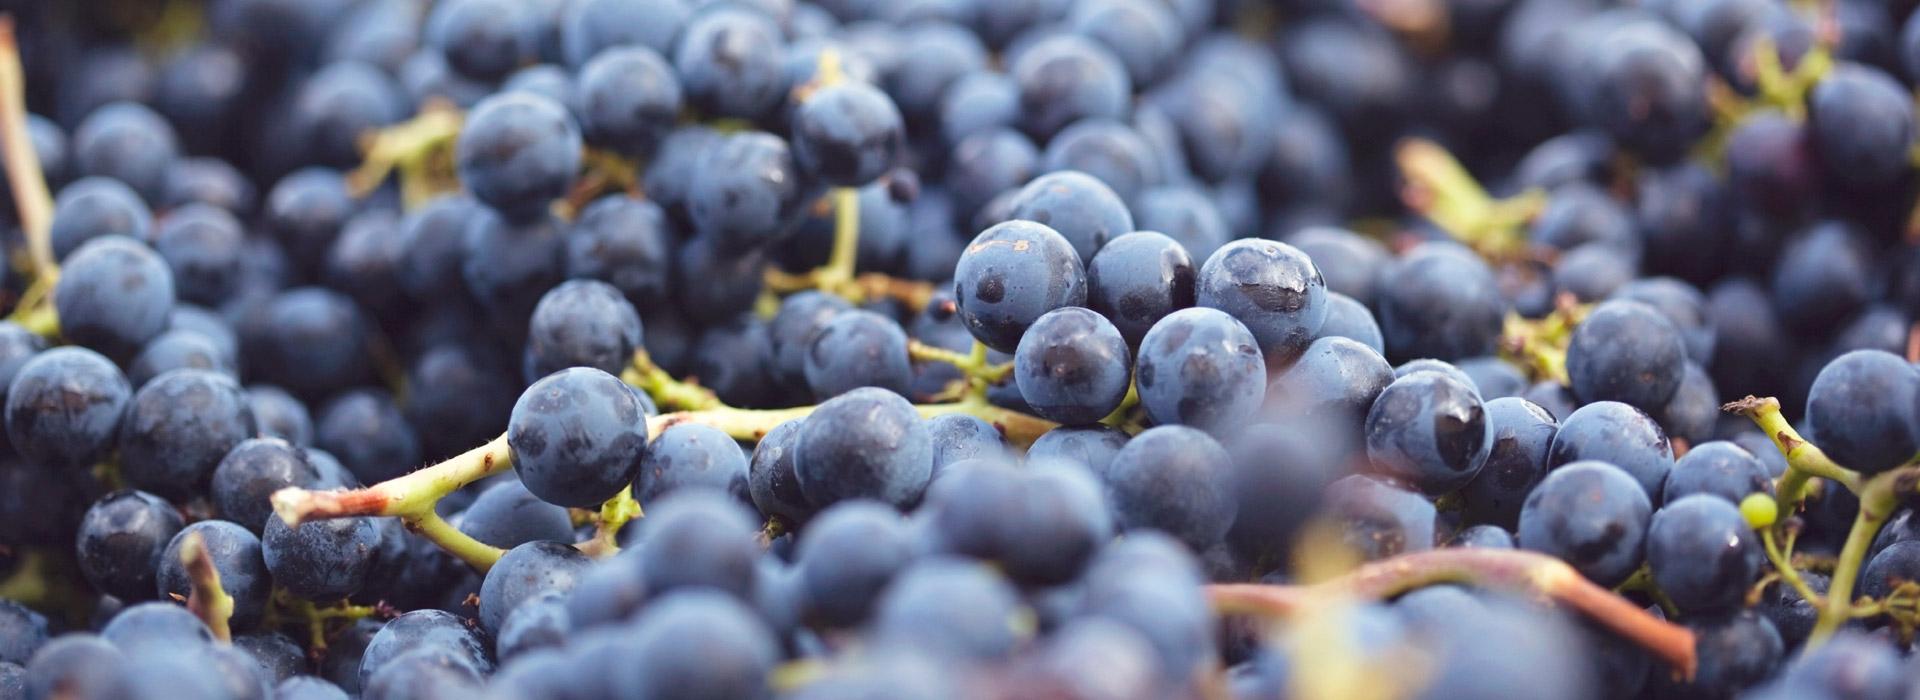 Slide2_Grapes_new